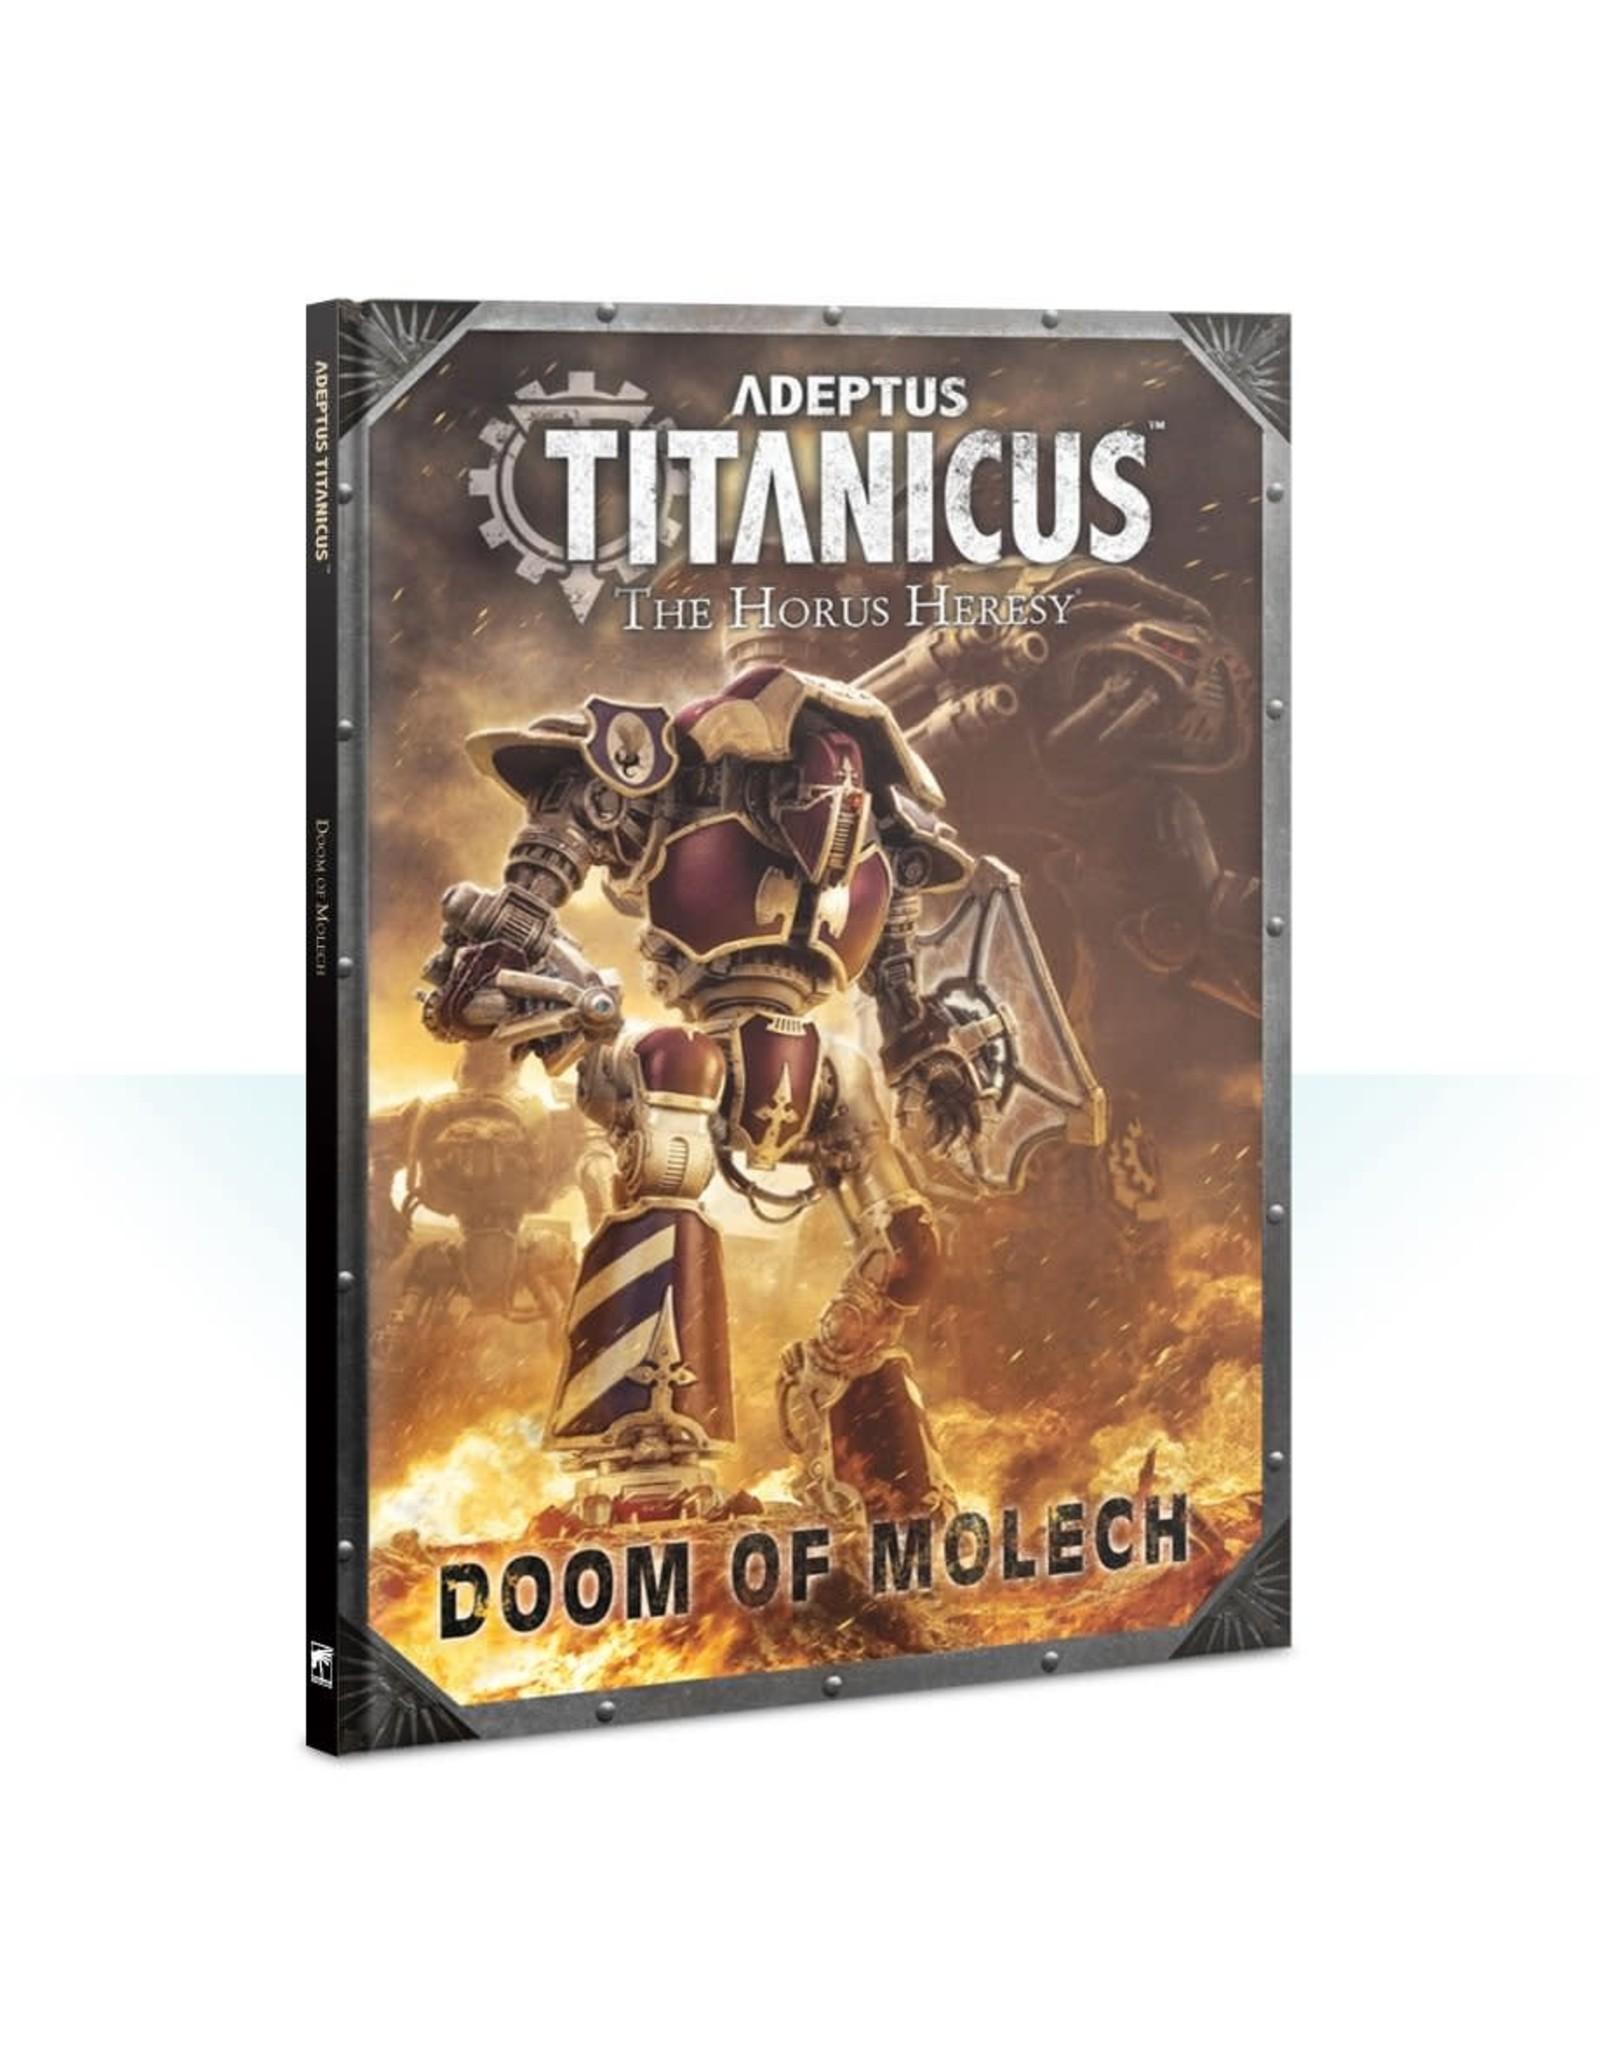 Games Workshop ADEPTUS TITANICUS: DOOM OF MOLECH